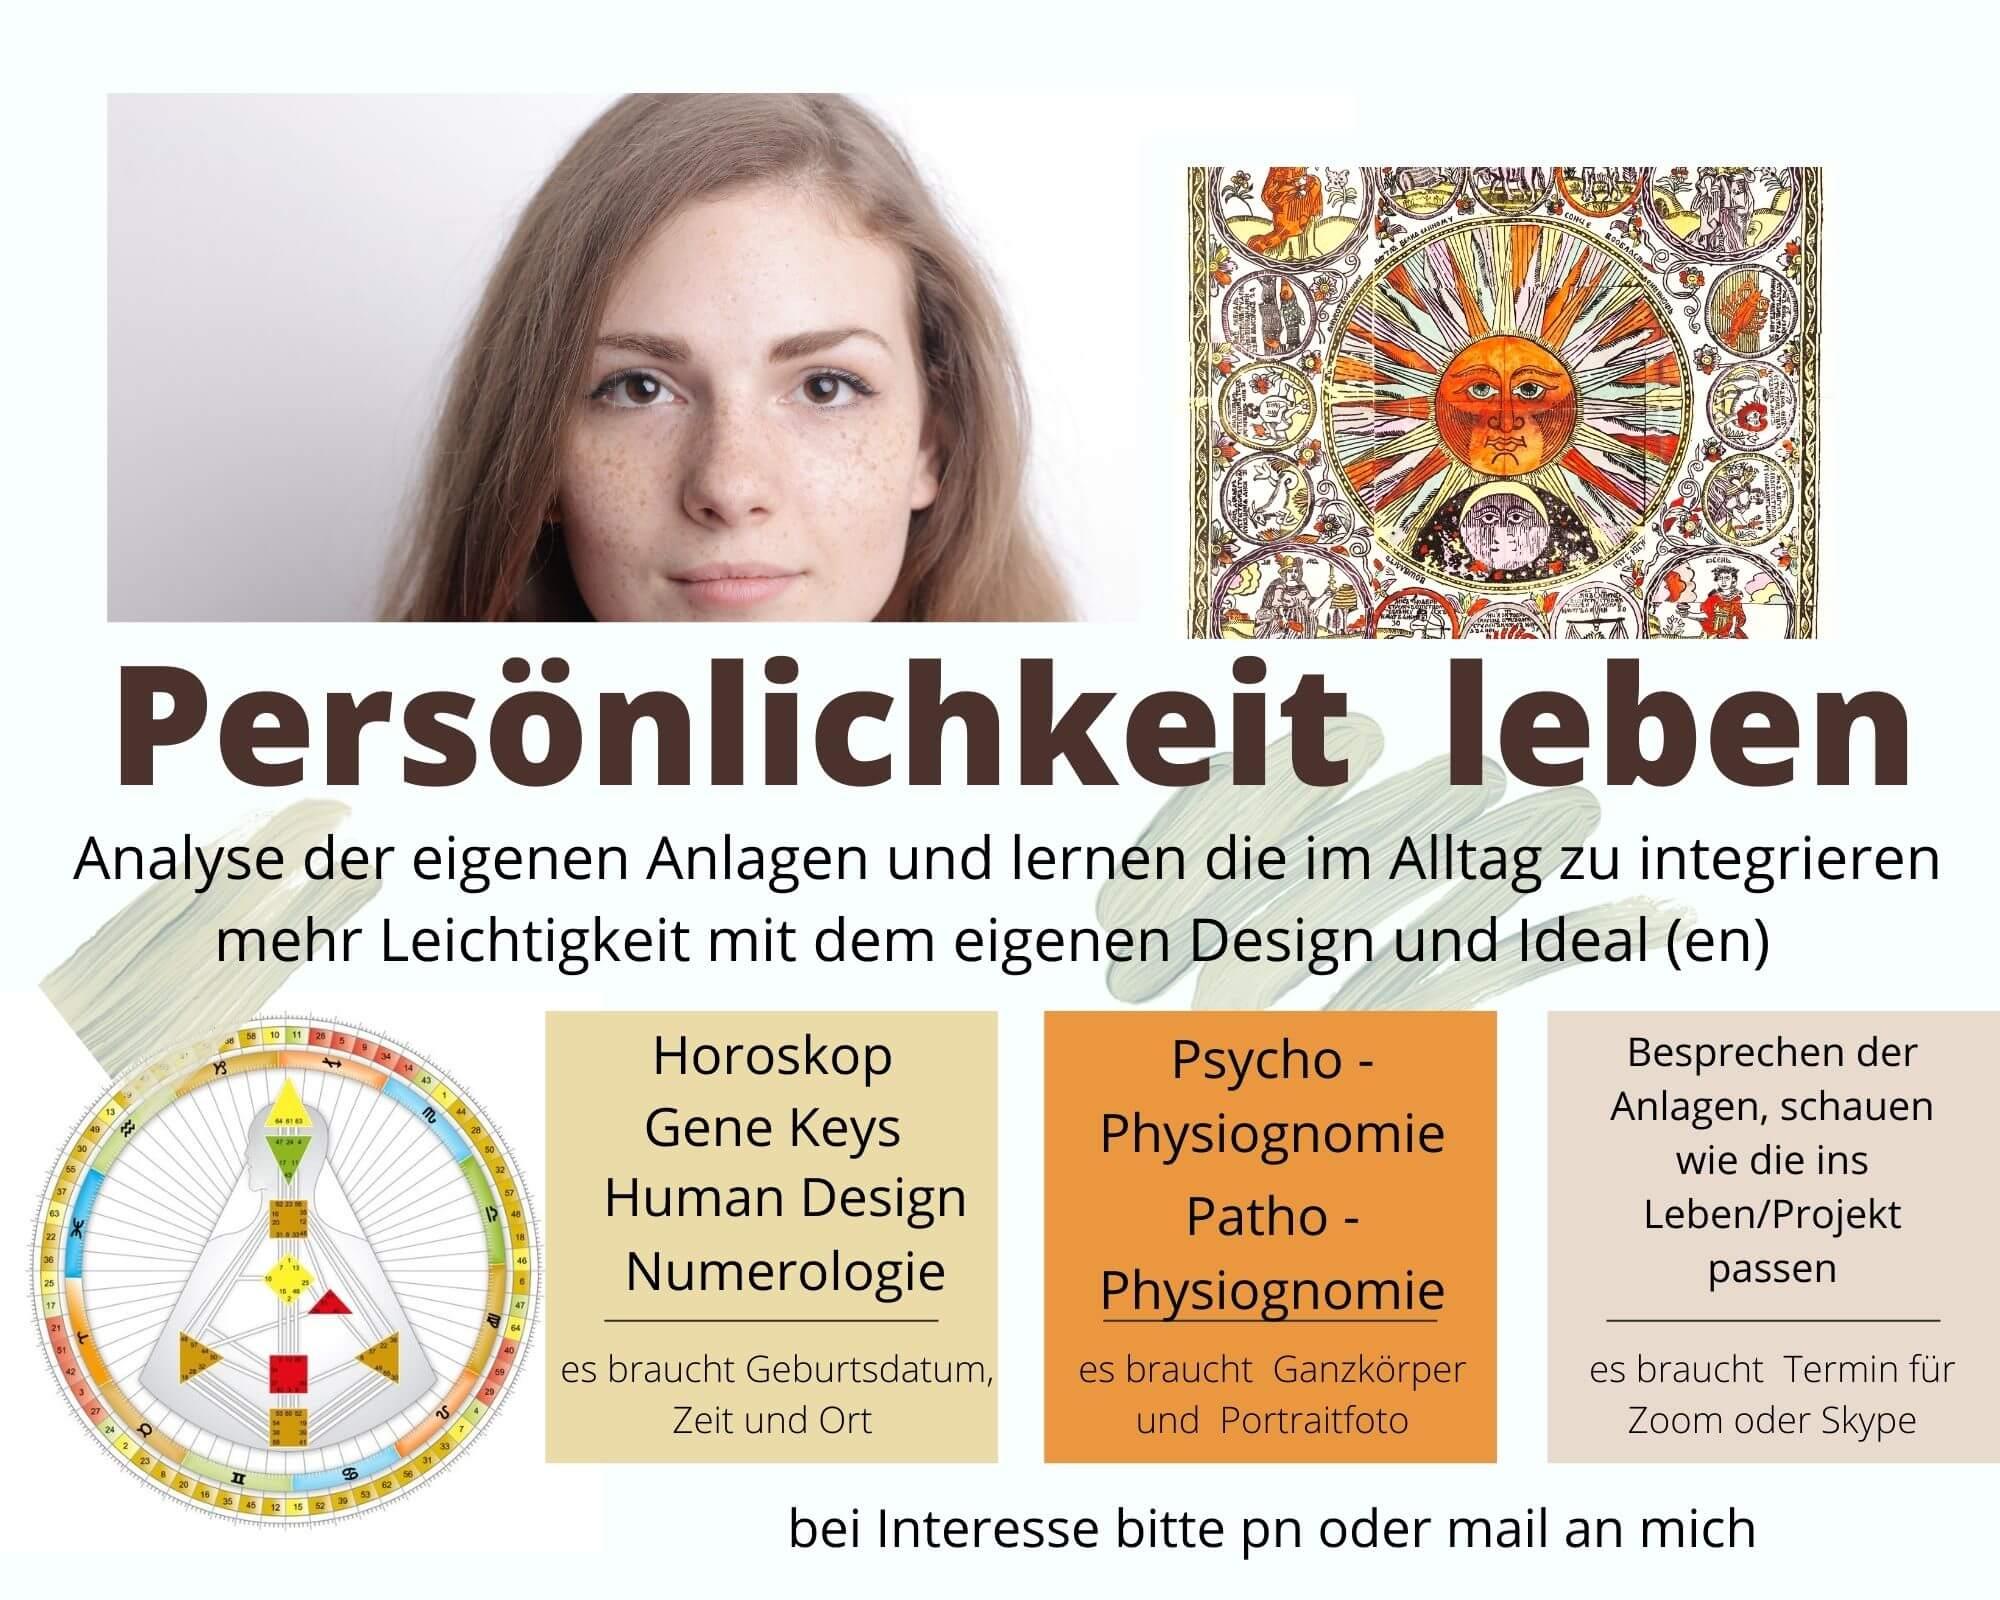 Collage zum Thema Persönlichkeit mit Frau und Skizzen